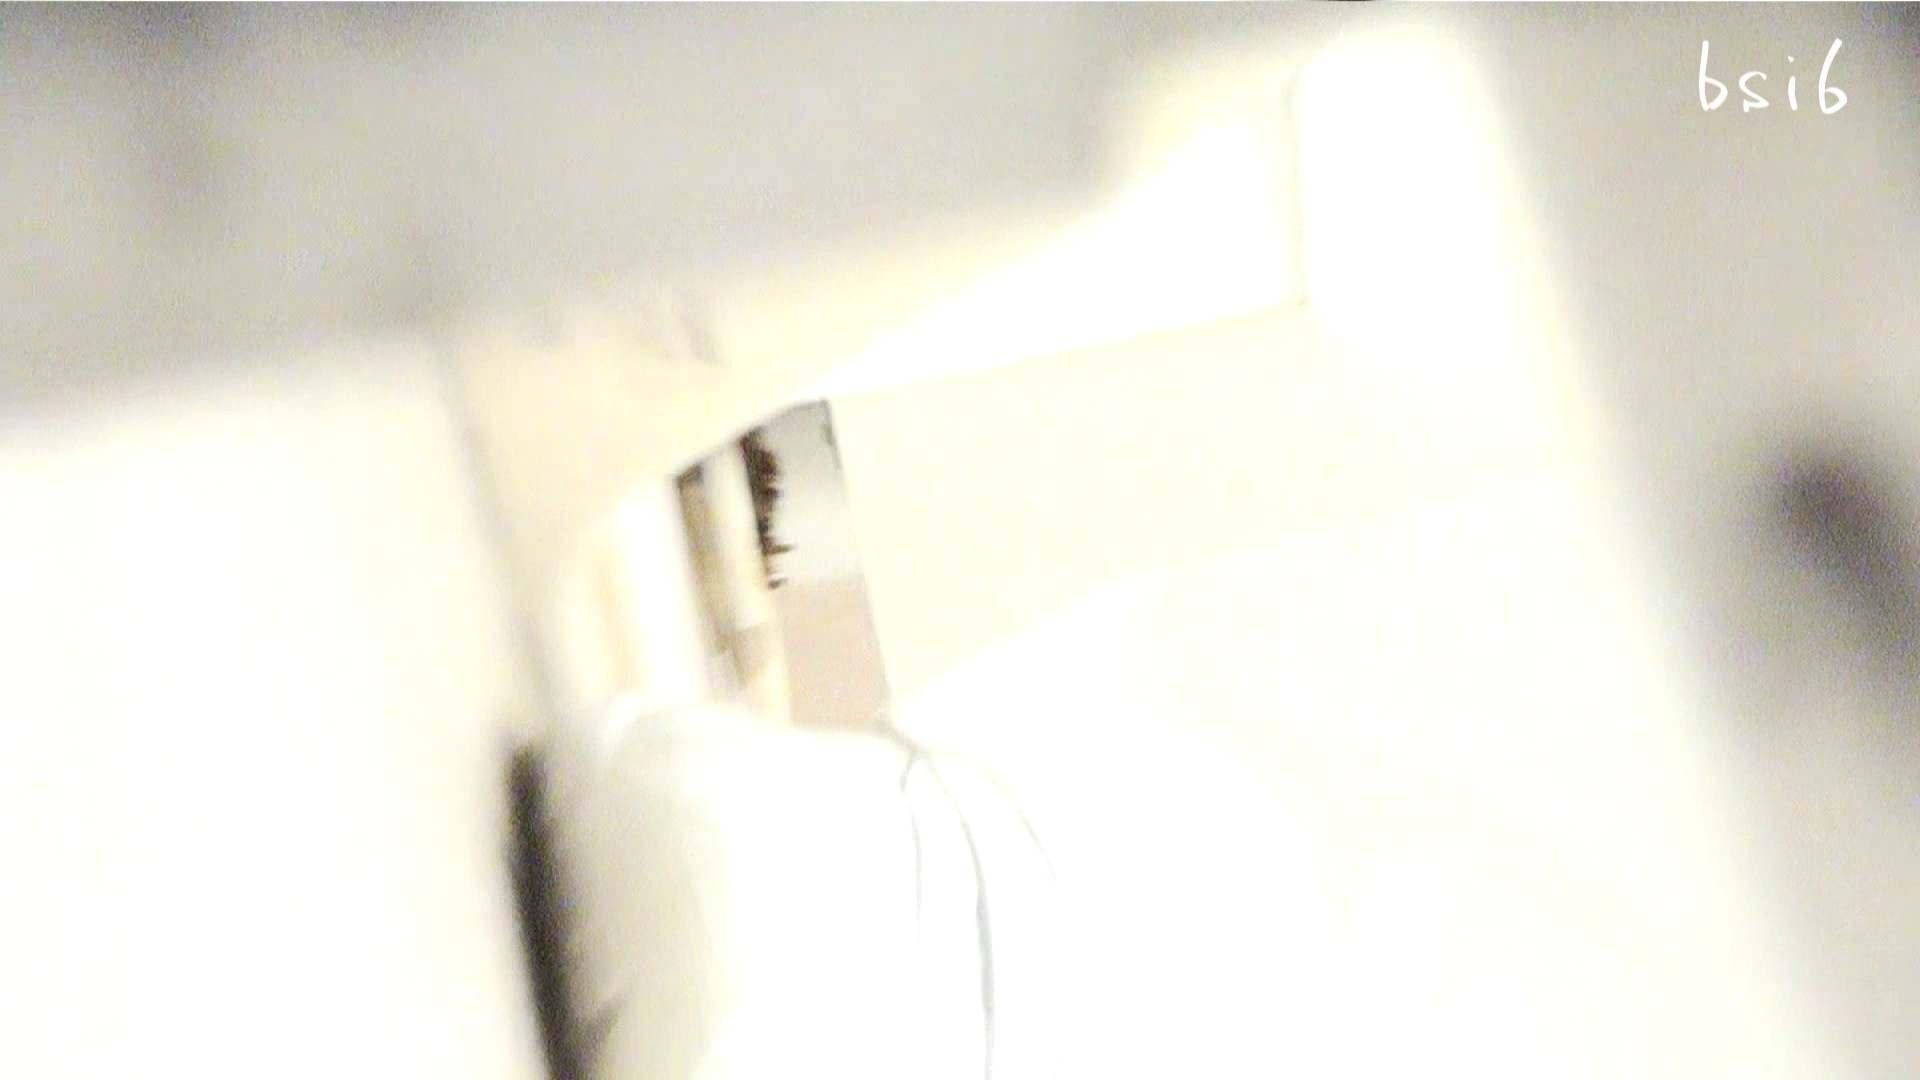 至高下半身盗撮-PREMIUM-【院内病棟編 】 vol.06 エロティックなOL | 盗撮特集  107画像 97